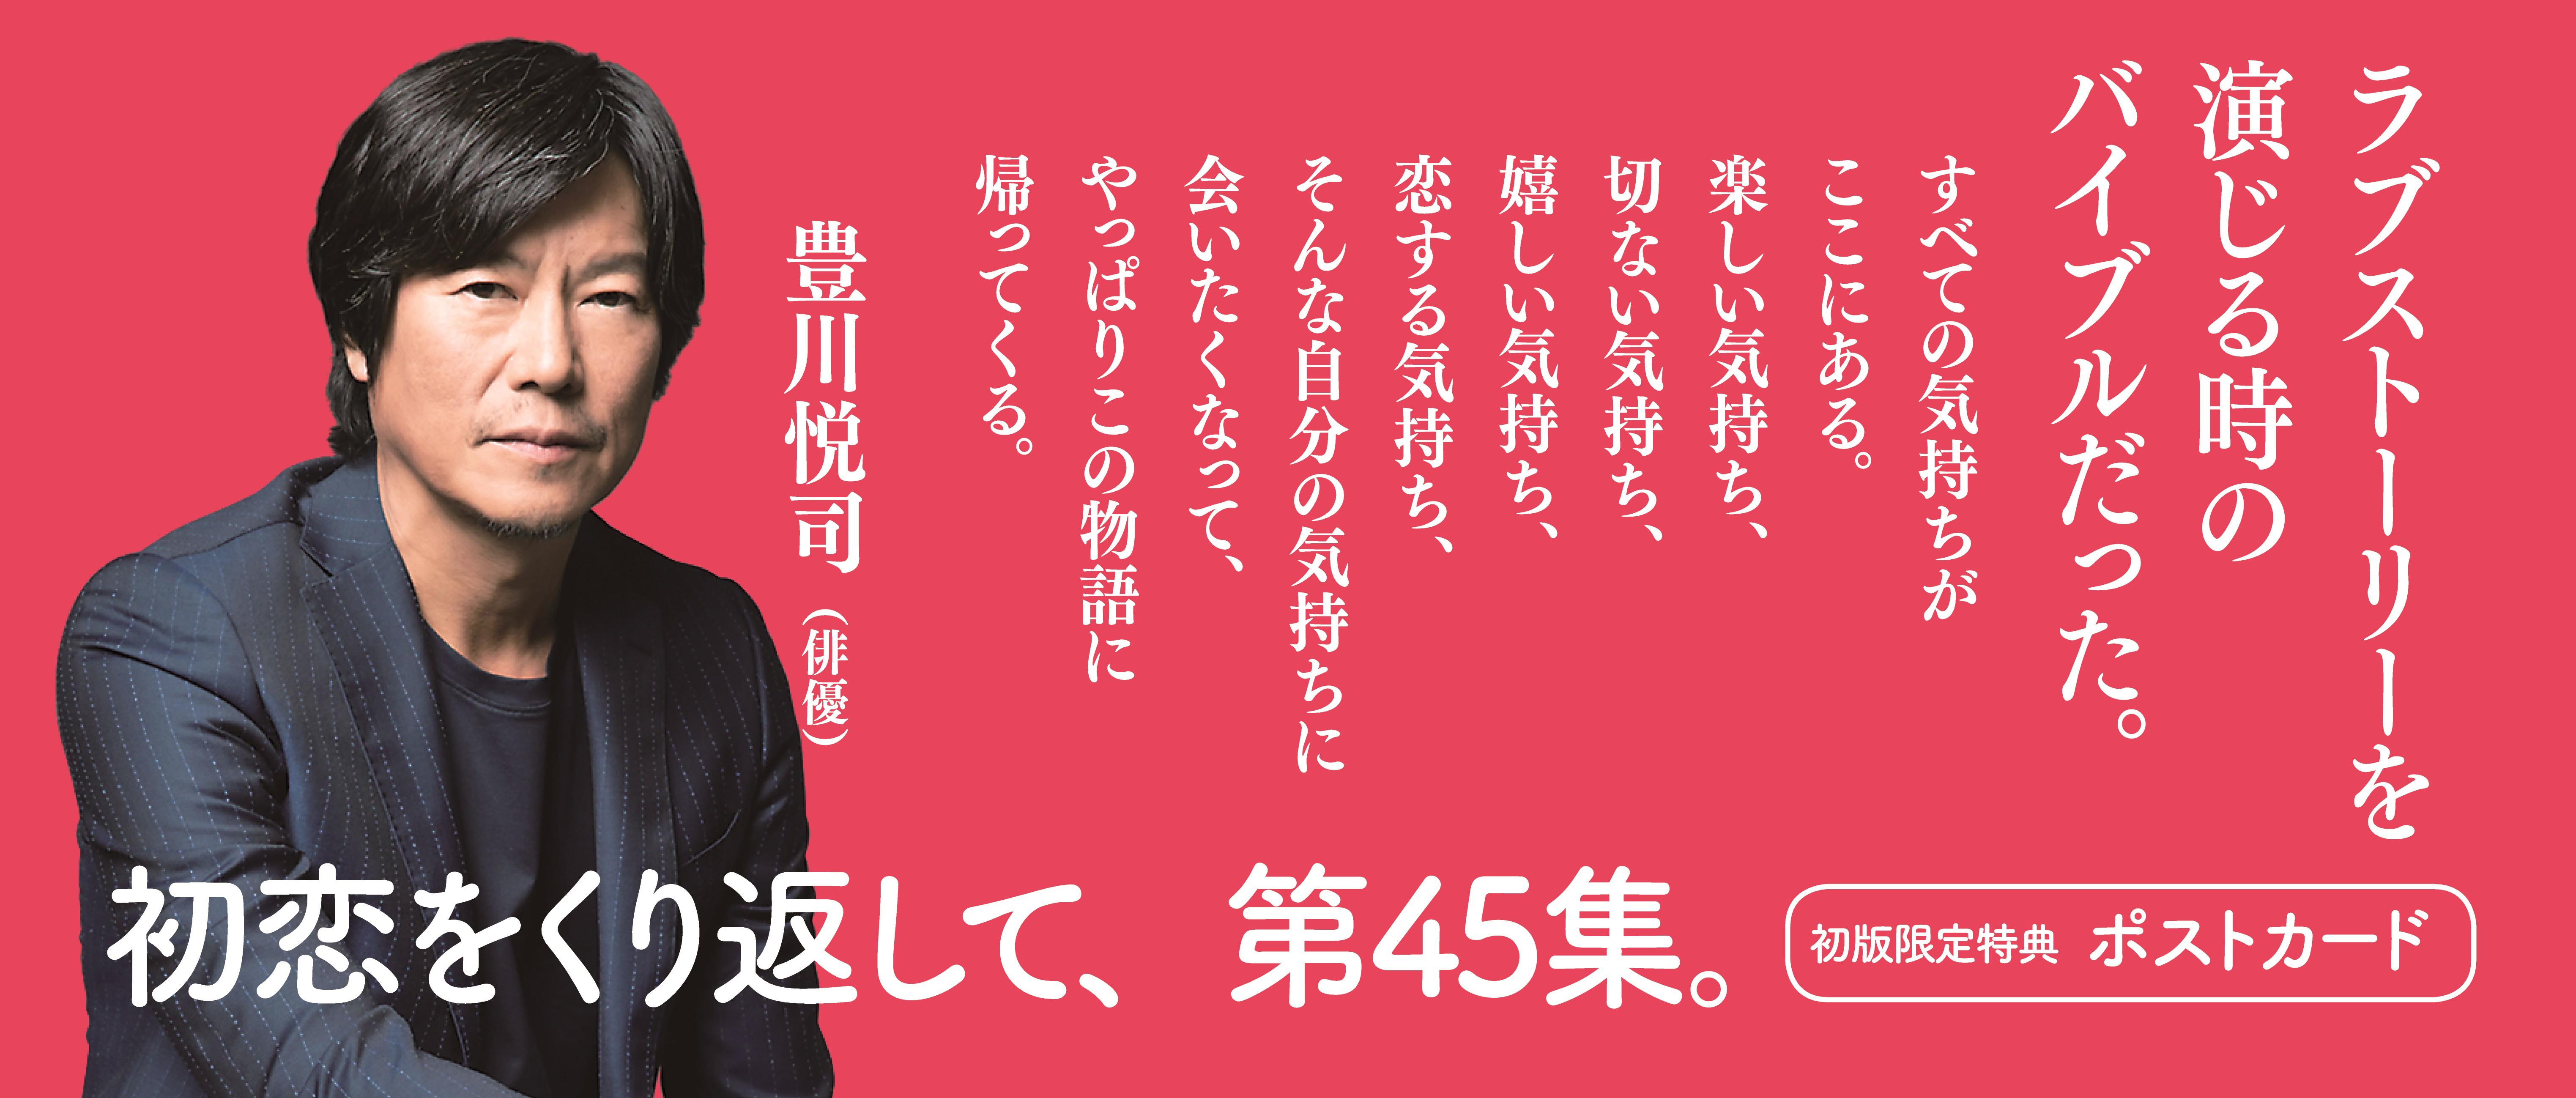 豊川悦司さんの帯コメント